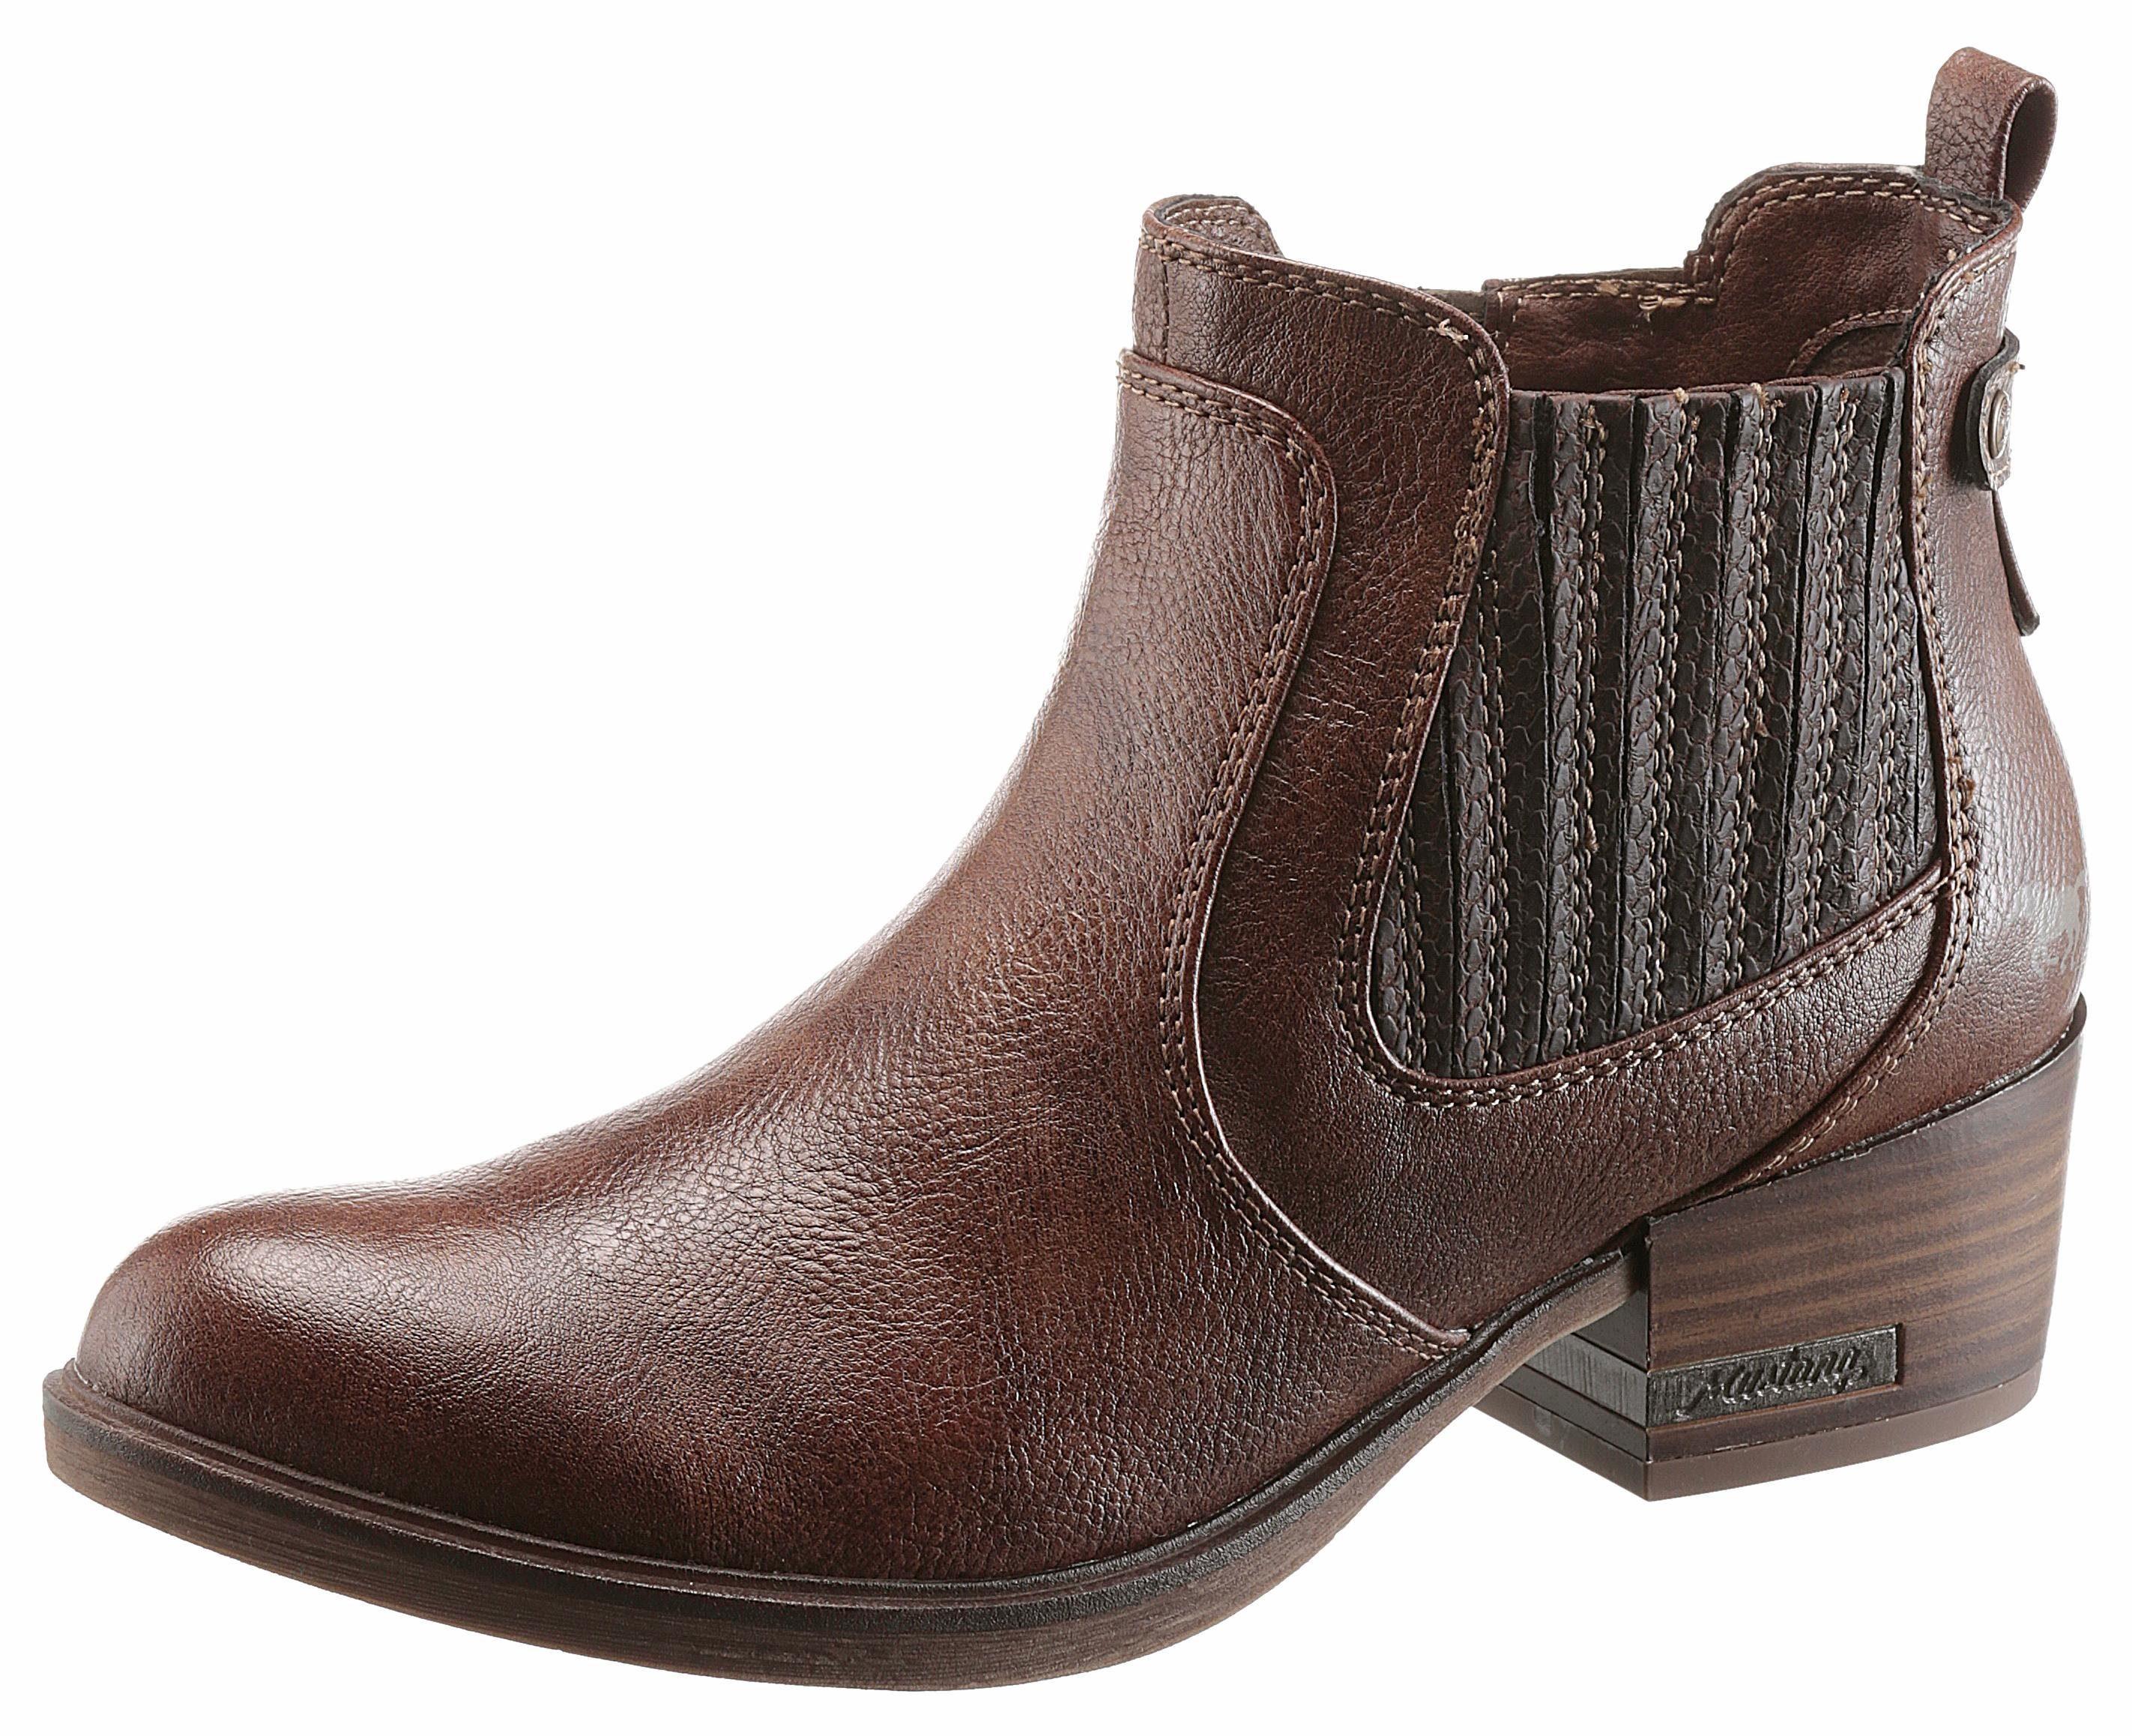 Mustang Shoes Schnürstiefelette, braun, 39 39